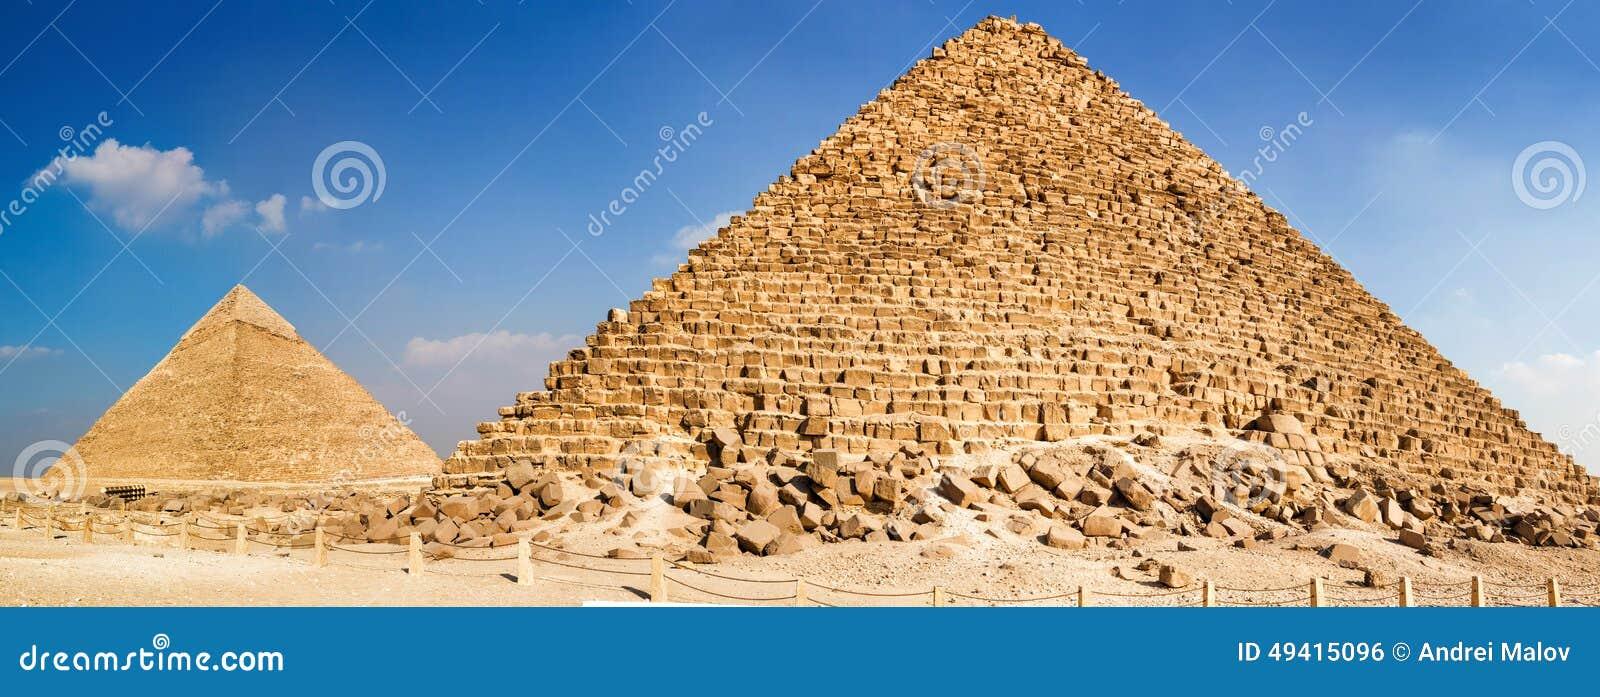 Download Pyramide Von Menkaure Und Pyramide Von Khafre Stockfoto - Bild von archäologie, ägypten: 49415096